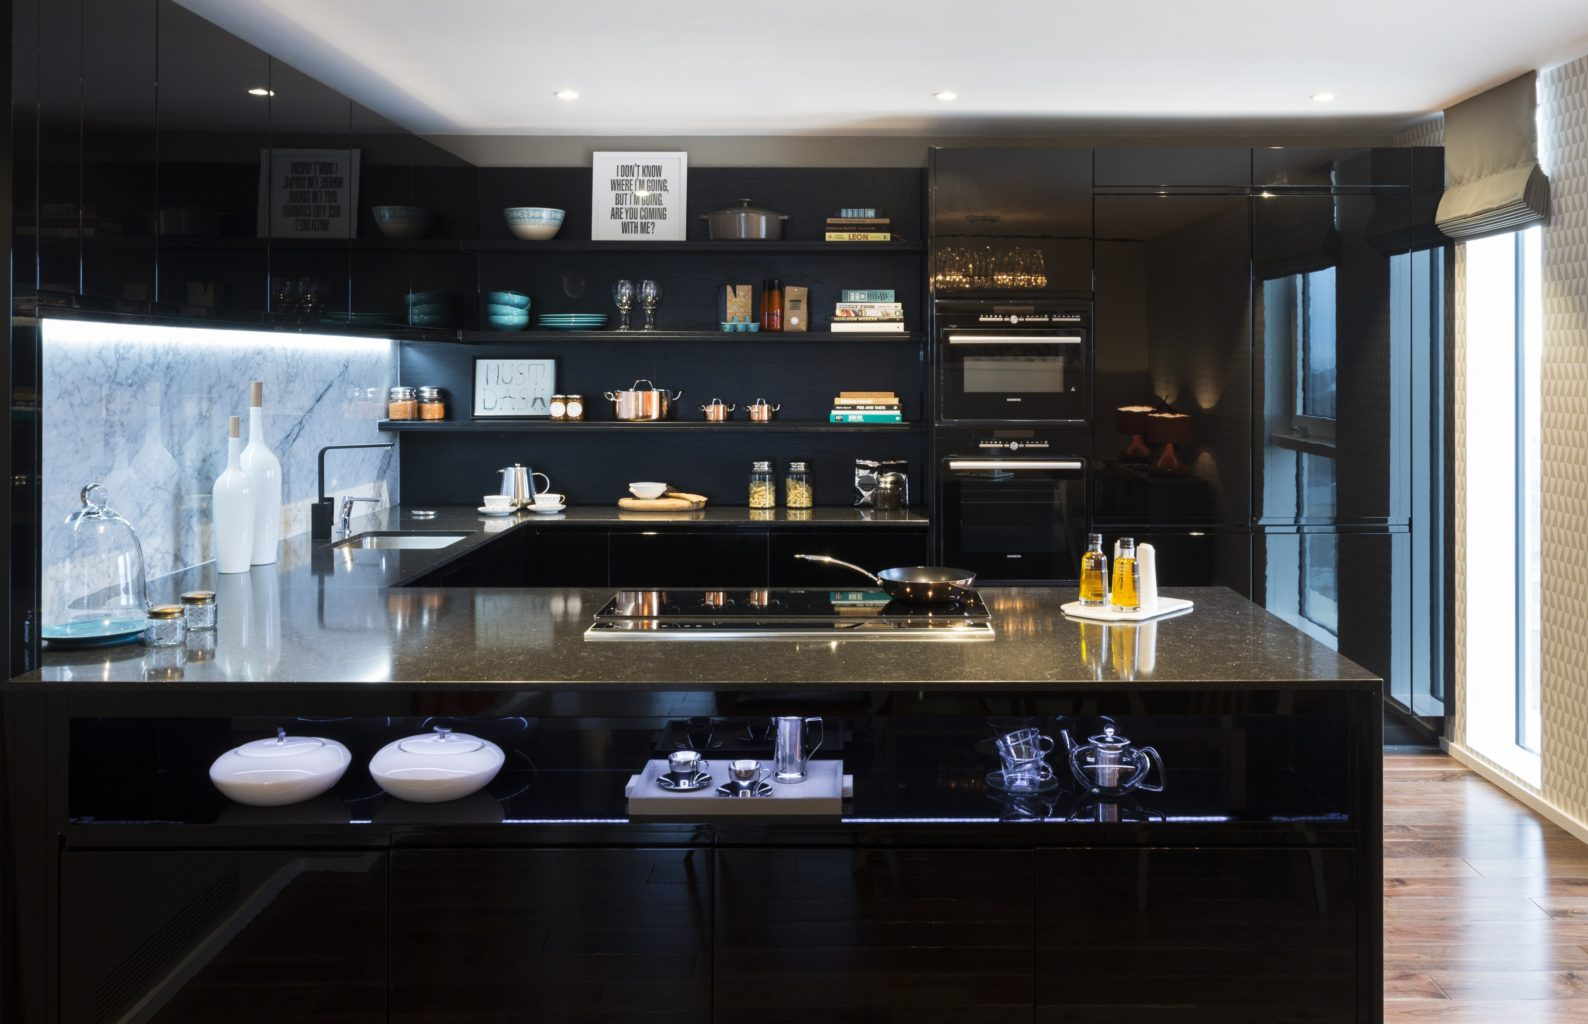 Дизайн интерьера кухни. Модерн